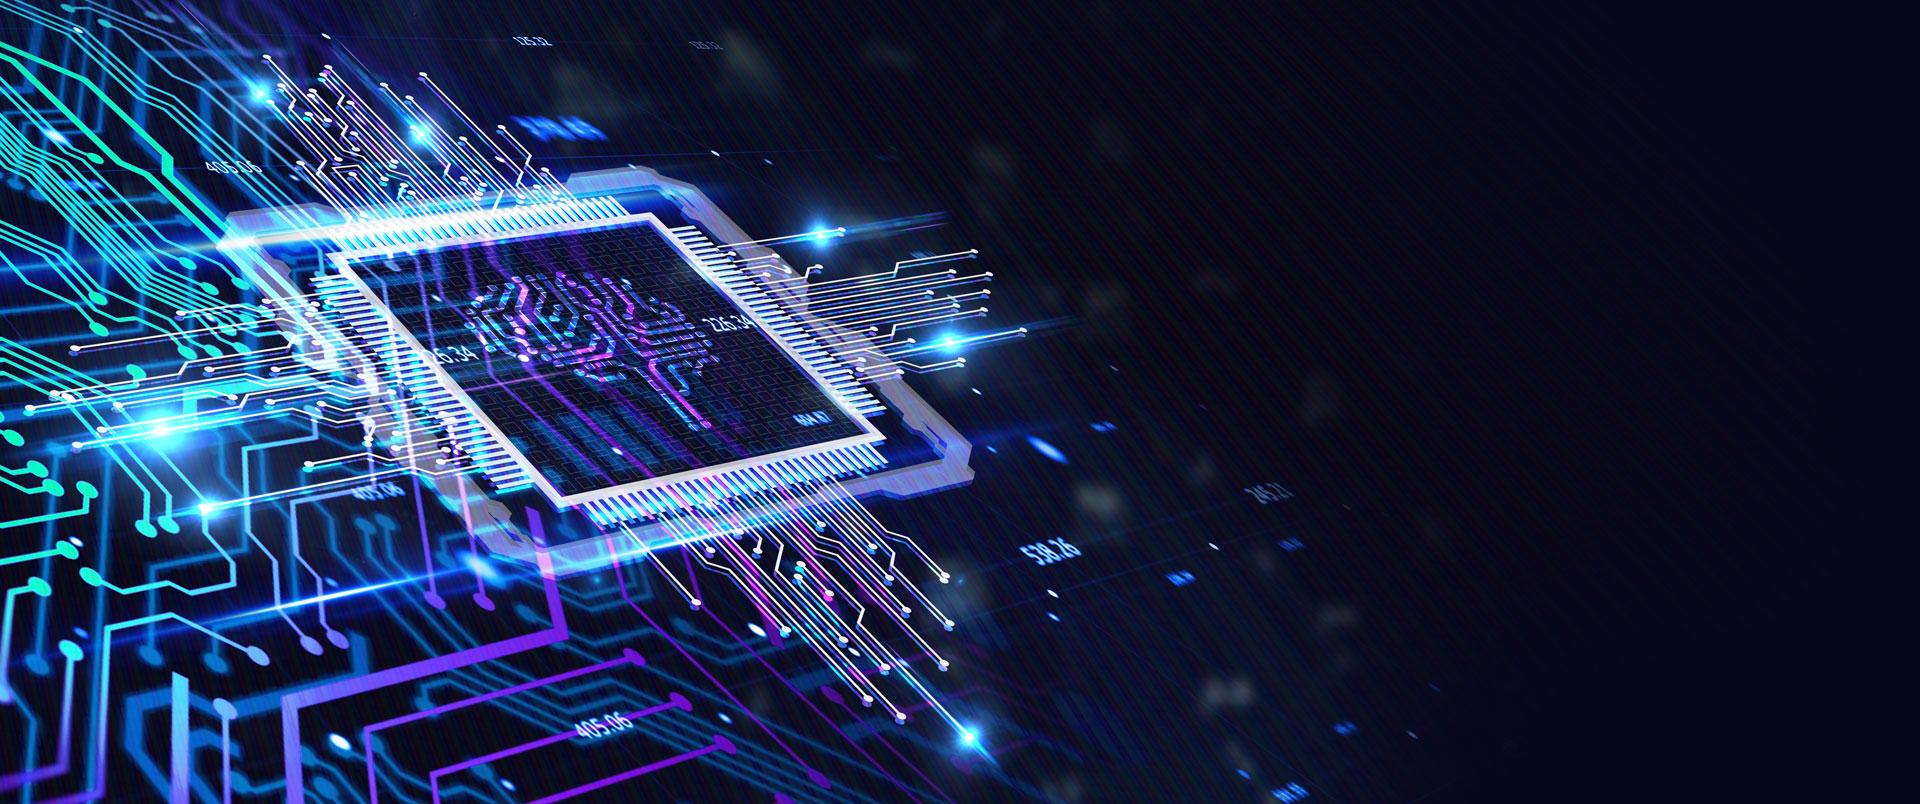 Red de circuitos conectados a un procesador, representando una inteligencia artificial